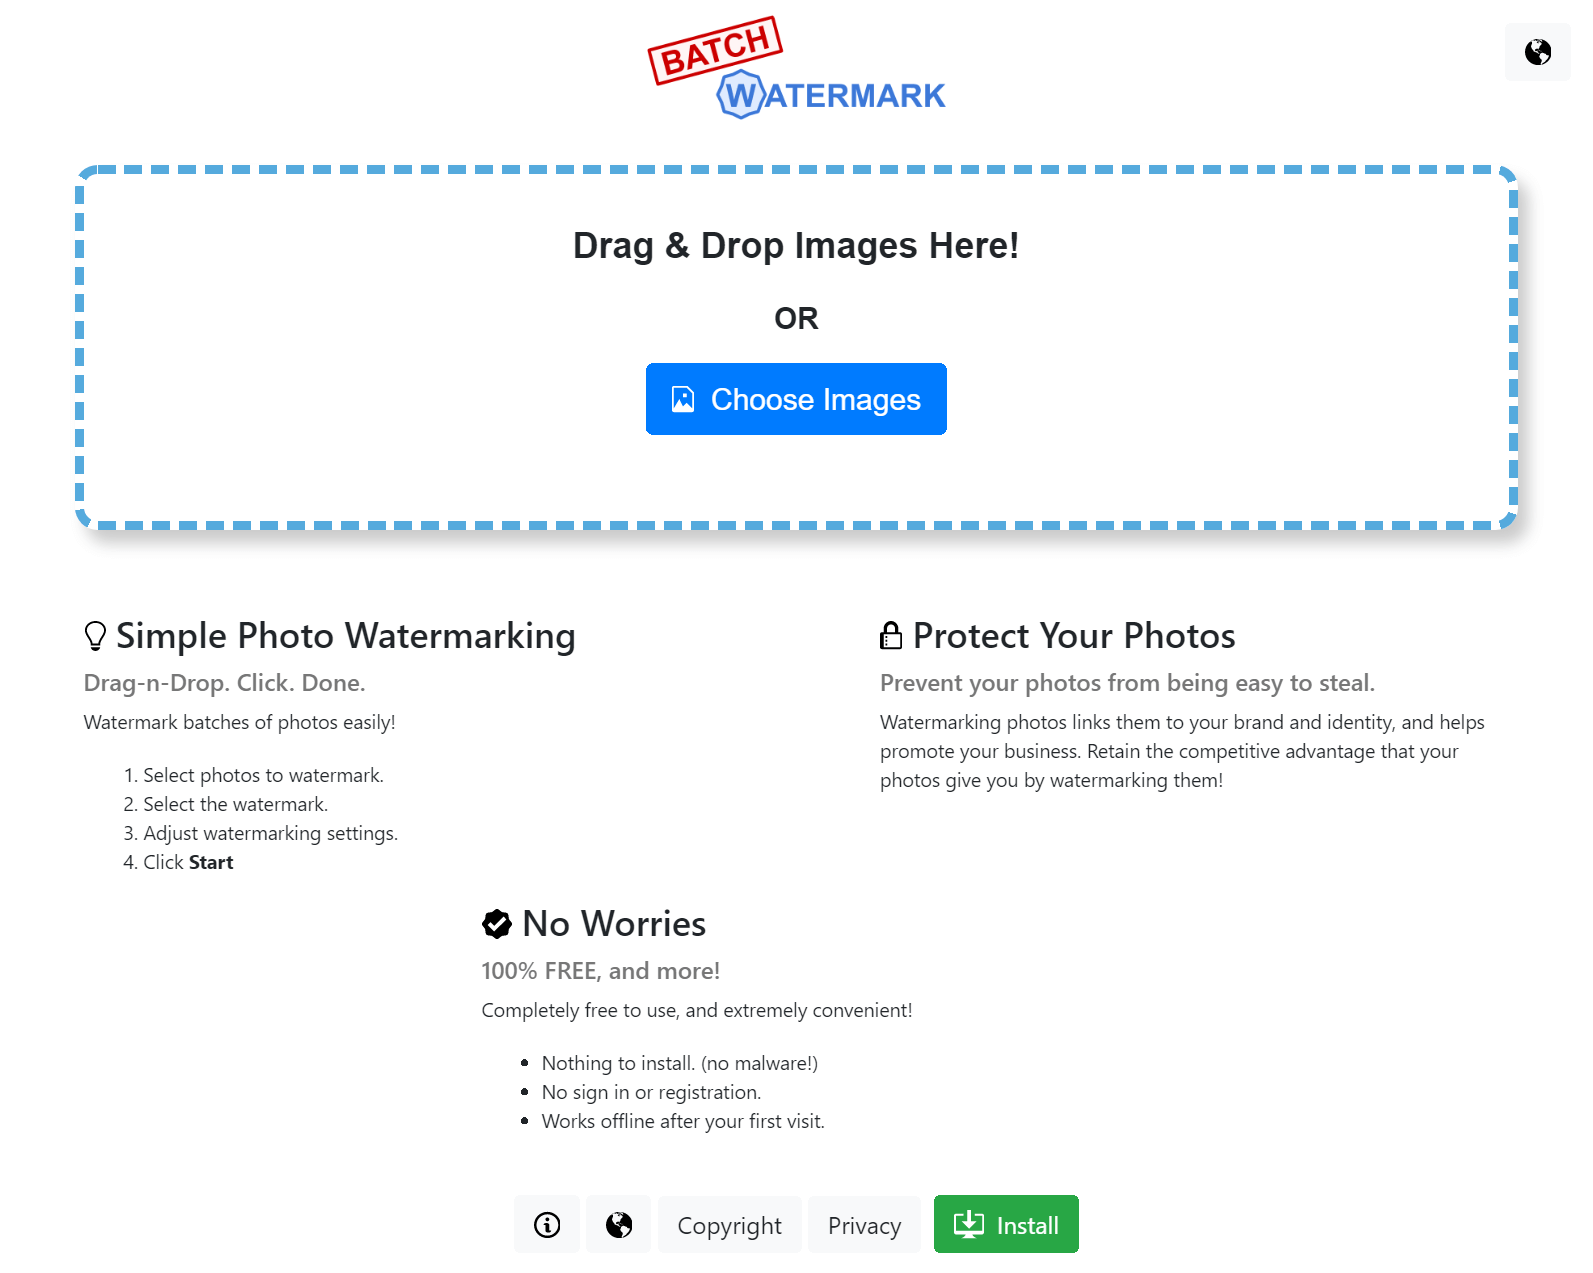 Bulk watermark images